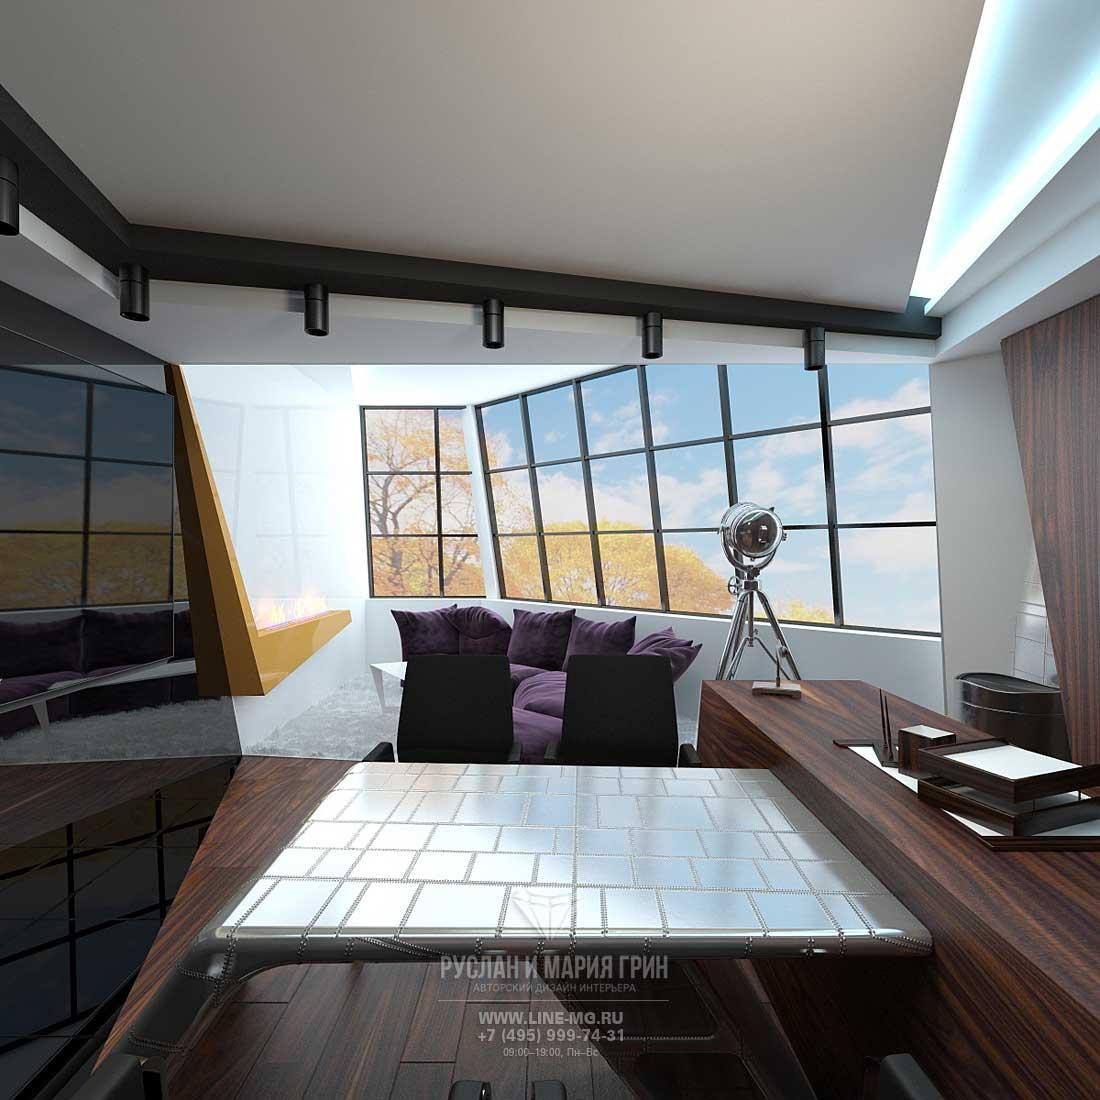 Дизайн кабинета руководителя, фото интерьера 2015